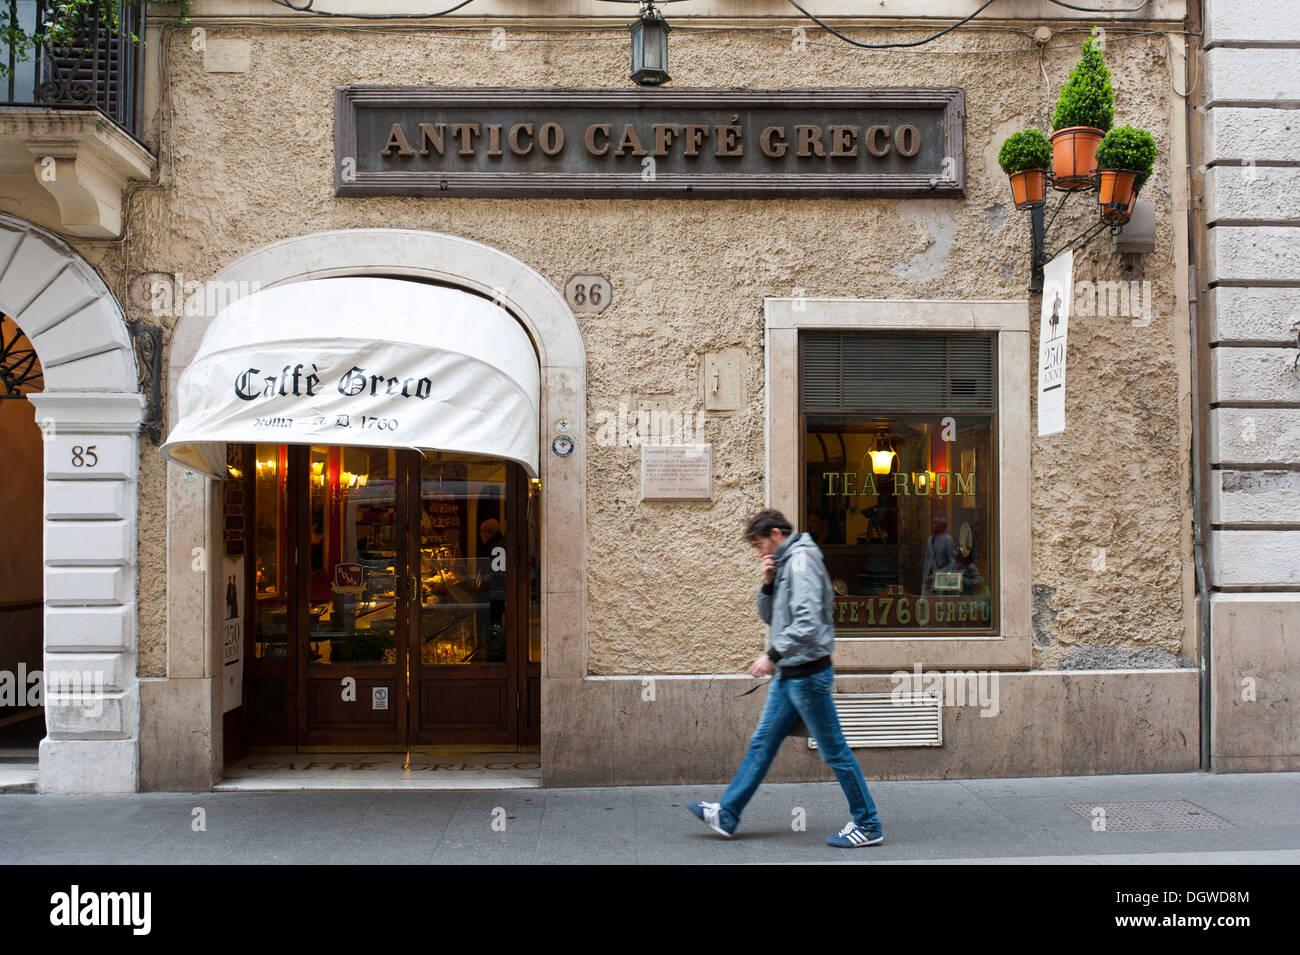 Antico Caffè Greco in Via Condotti, Rome, Lazio, Italy, Southern Europe, Europe - Stock Image